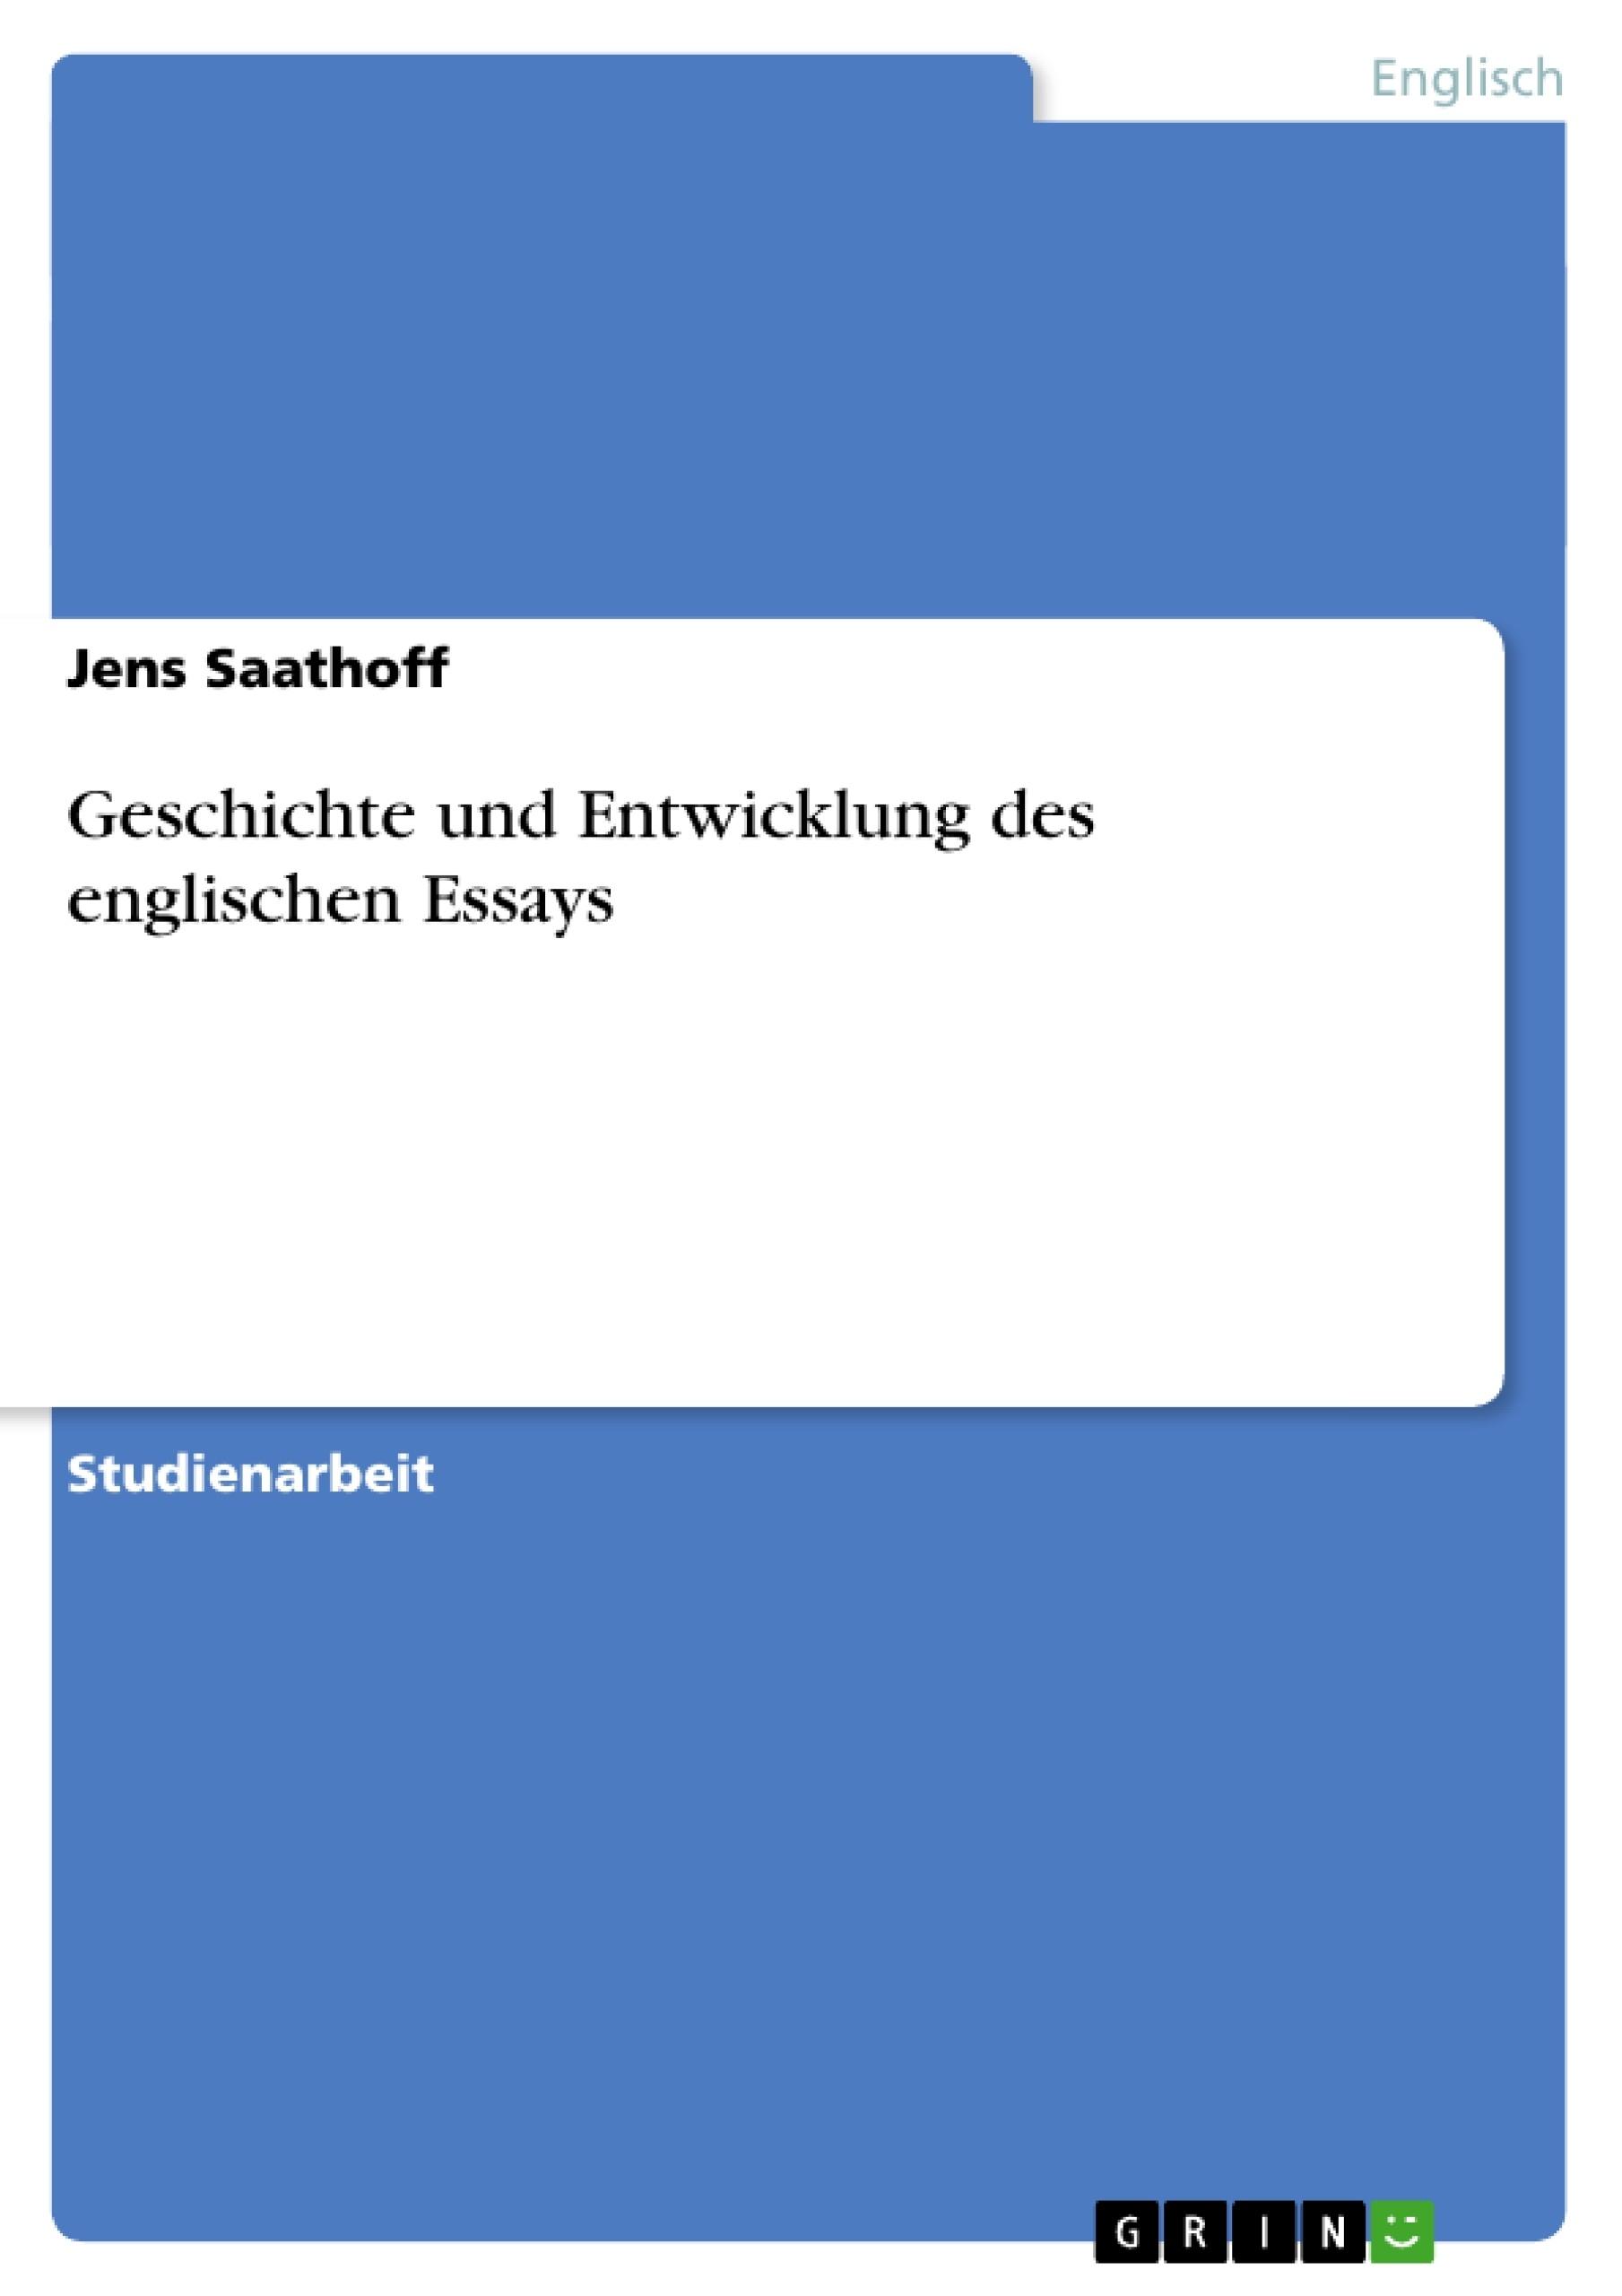 Titel: Geschichte und Entwicklung des englischen Essays